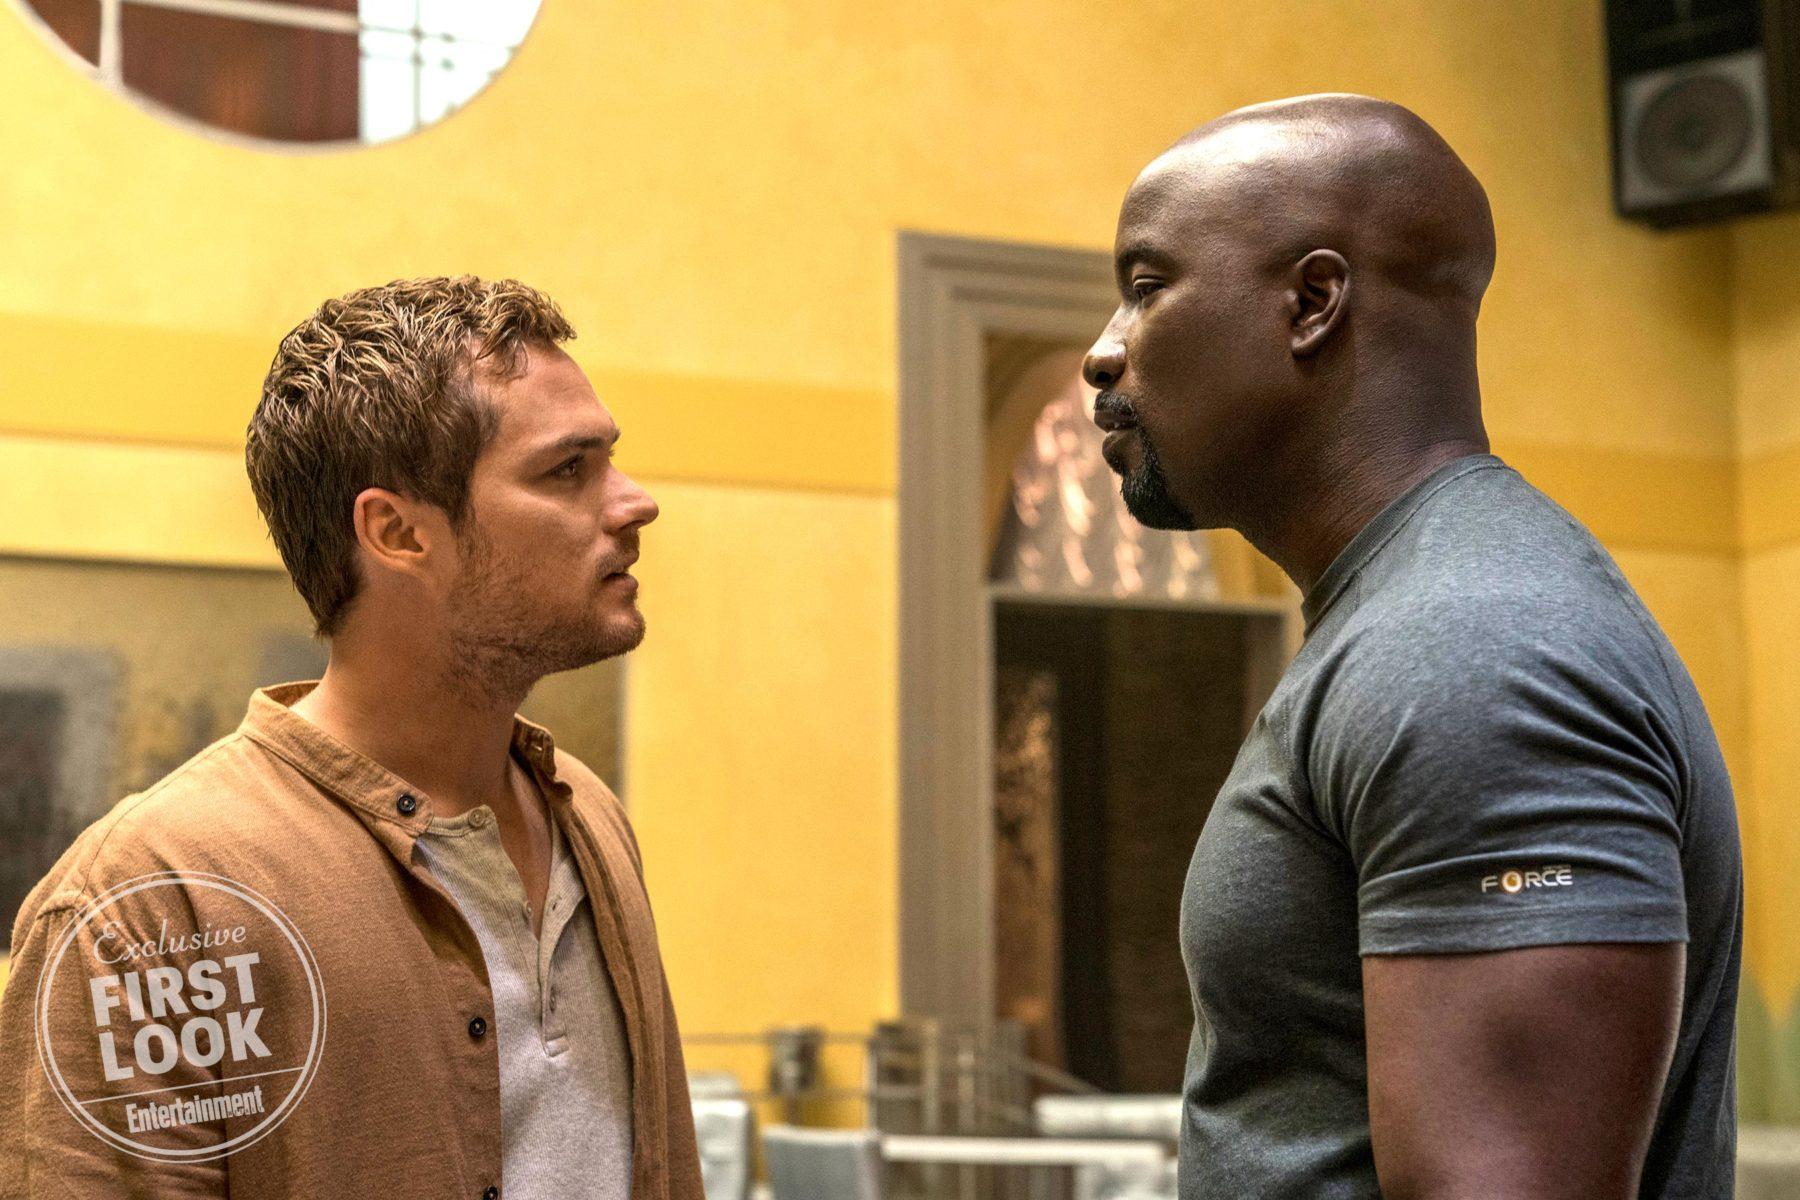 El showrunner de Luke Cage habla sobre el papel de invitado de la temporada 2 de Iron Fist y las críticas al personaje